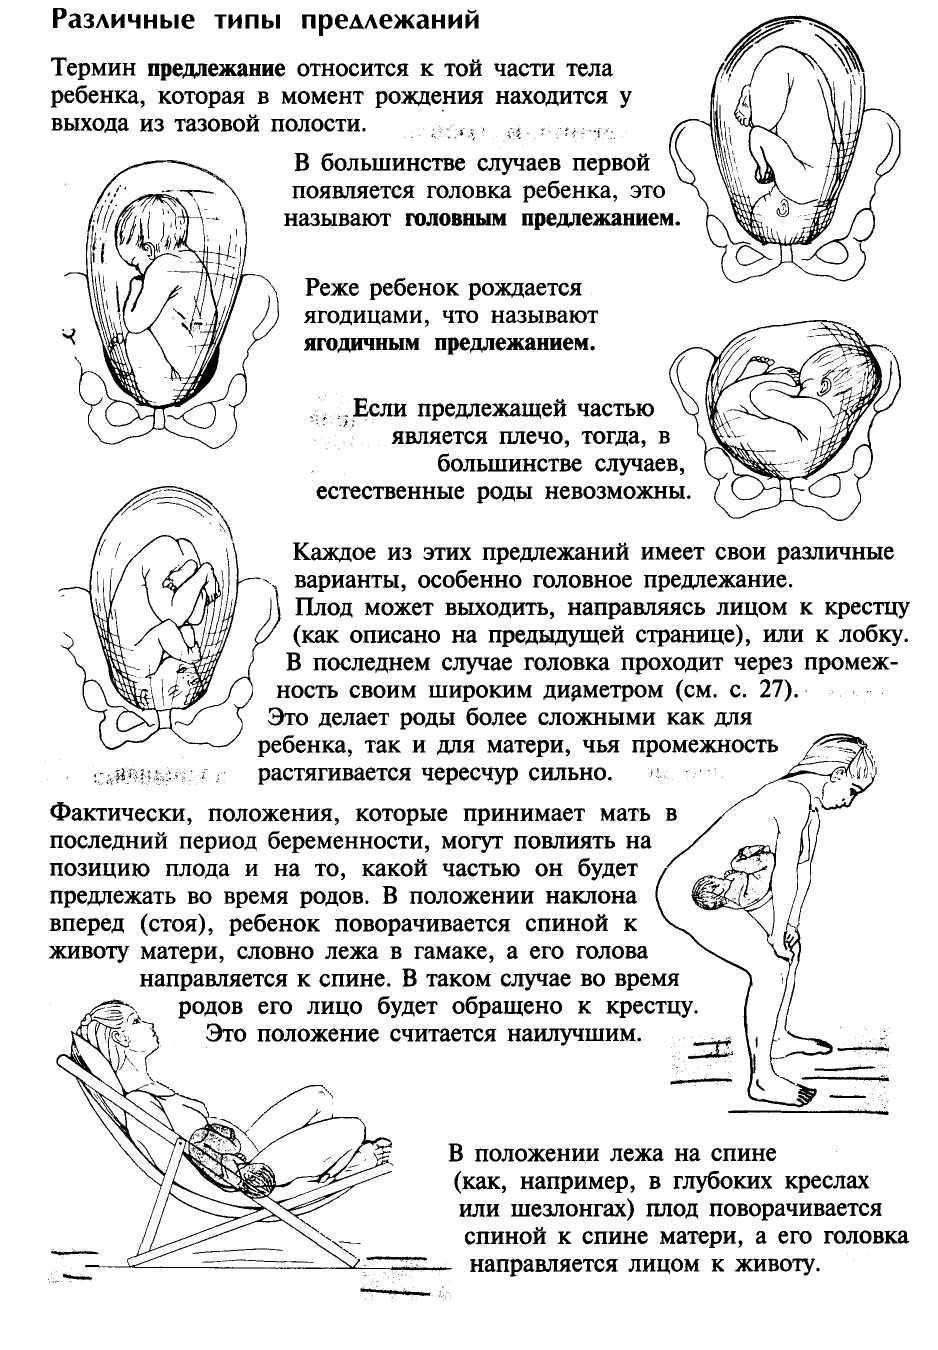 Упражнения чтобы ребенок перевернулся головой вниз при тазовом предлежании: как перевернуть ребенка в головное положение – гимнастика для беременных для переворота плода